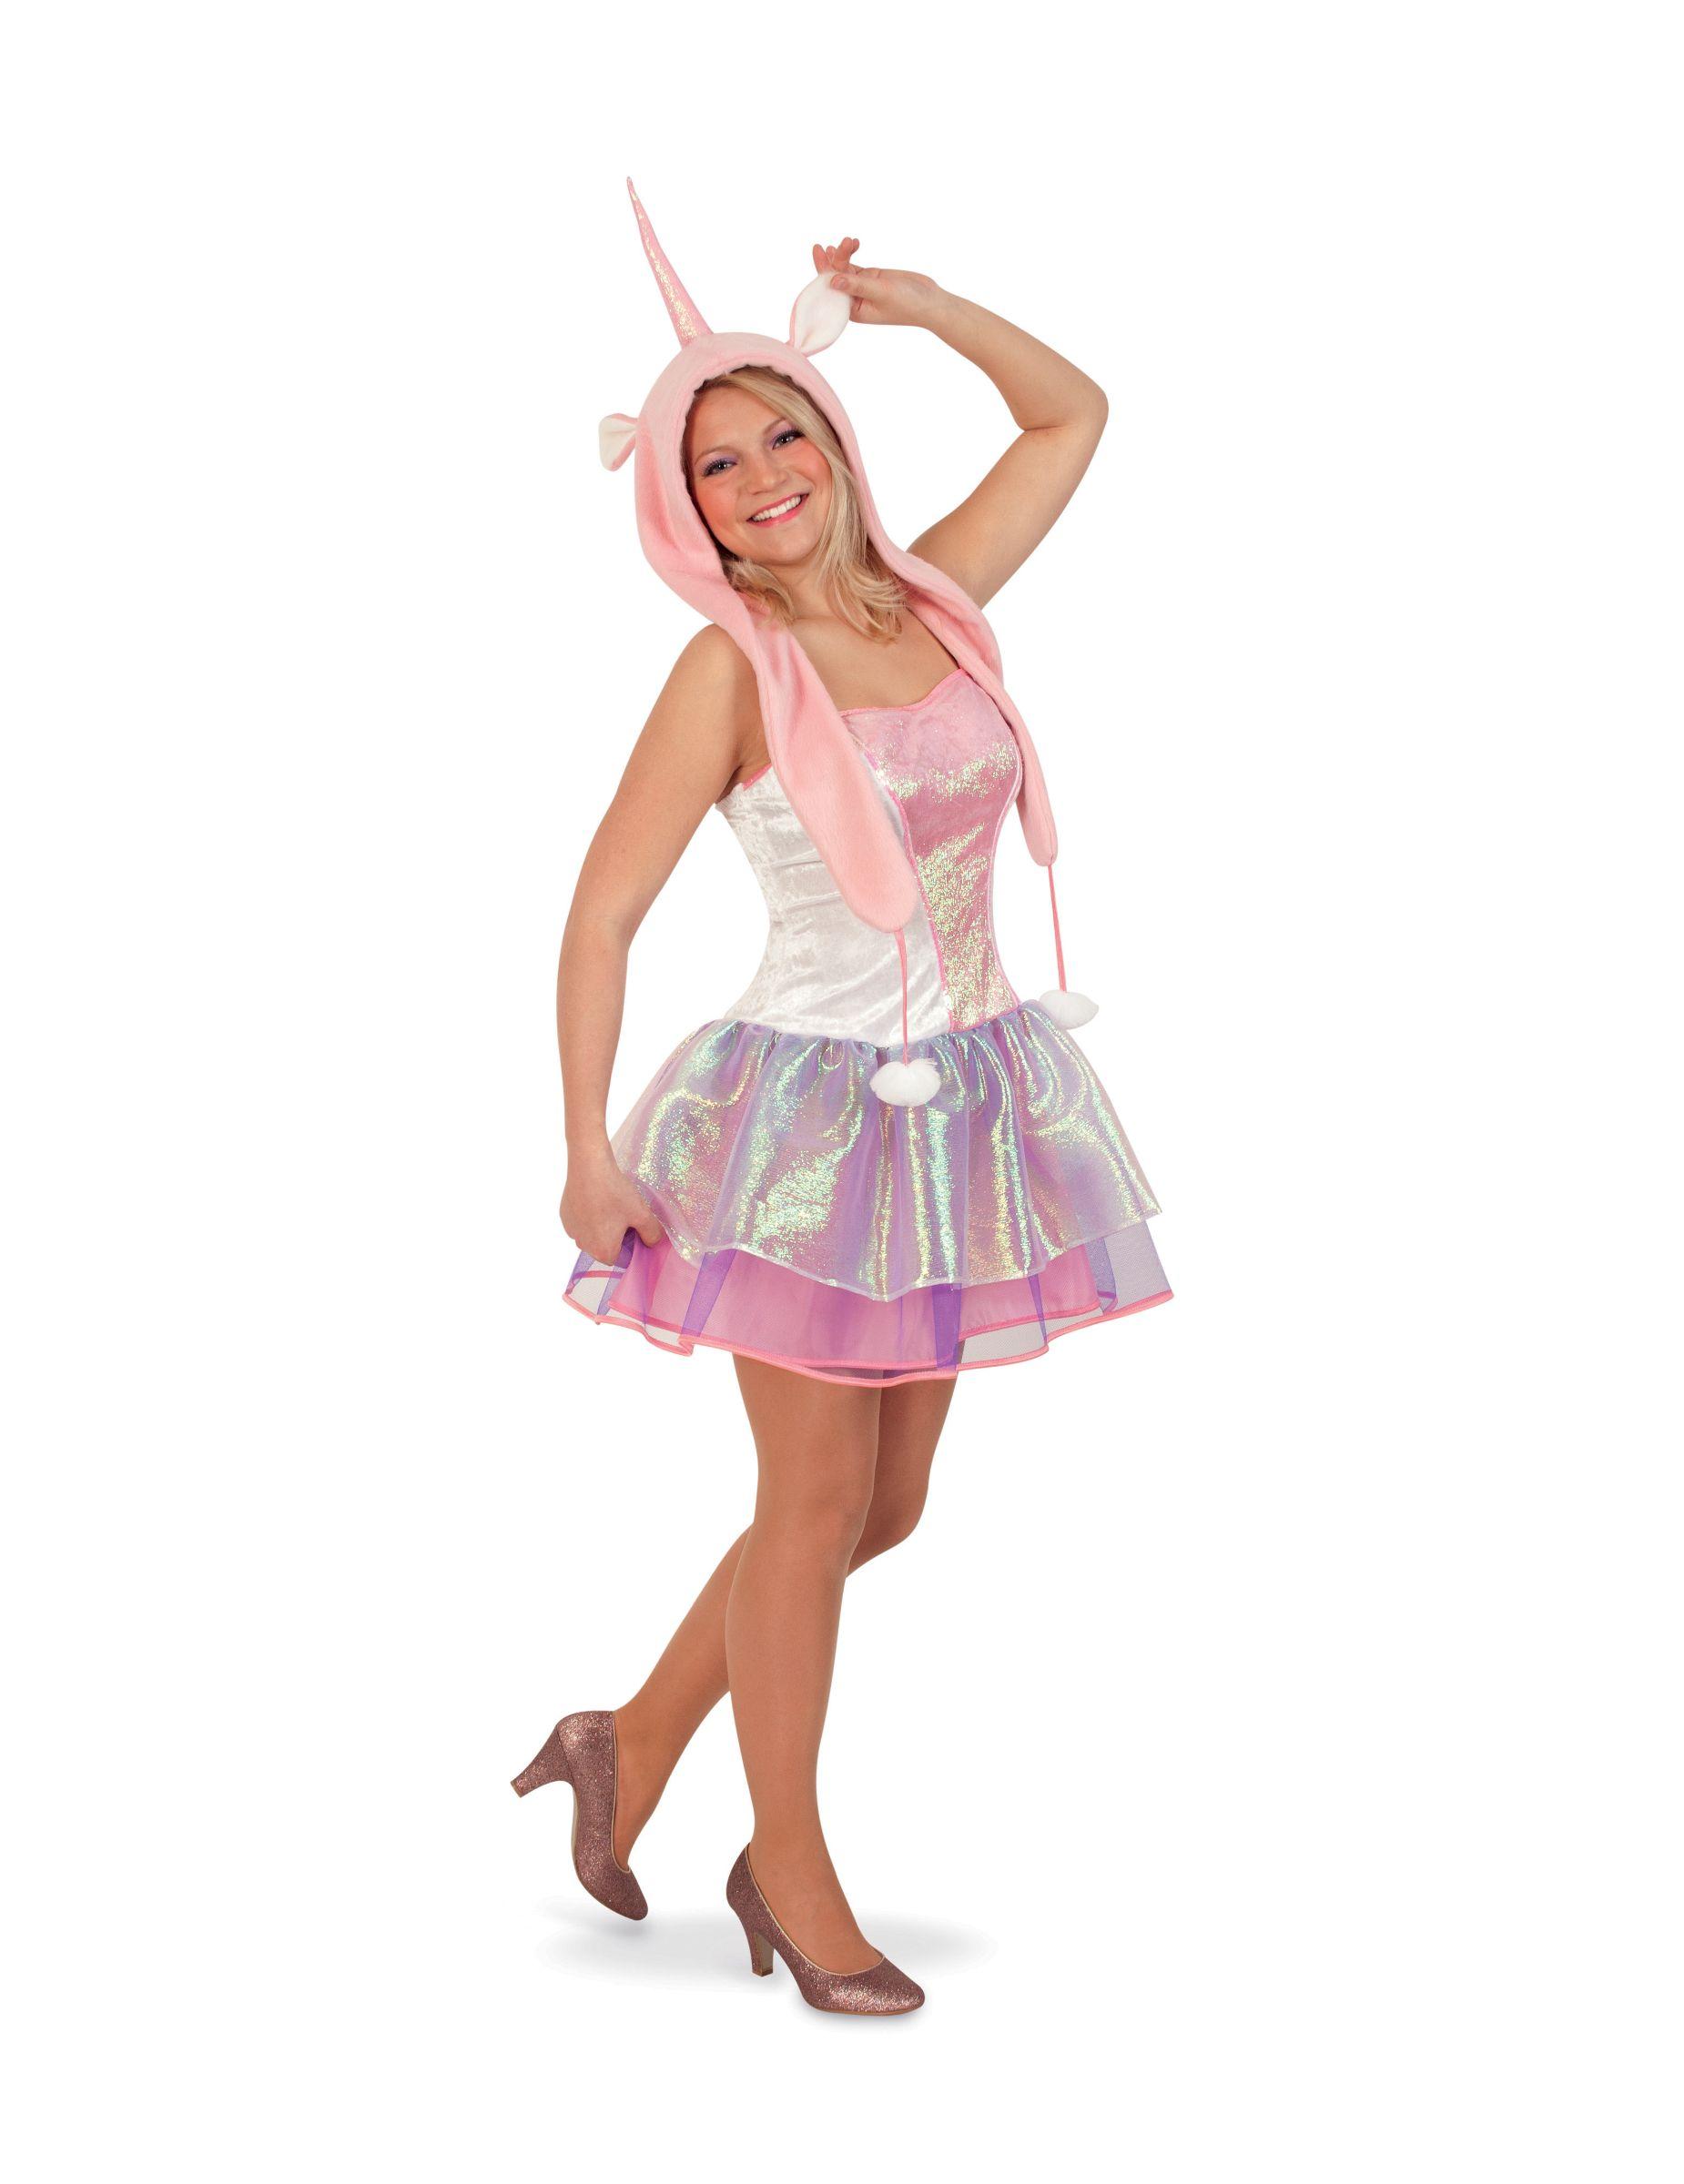 d38714900973 Disfraz unicornio mujer: Este disfraz de unicornio para mujer incluye un  vestido y un gorro